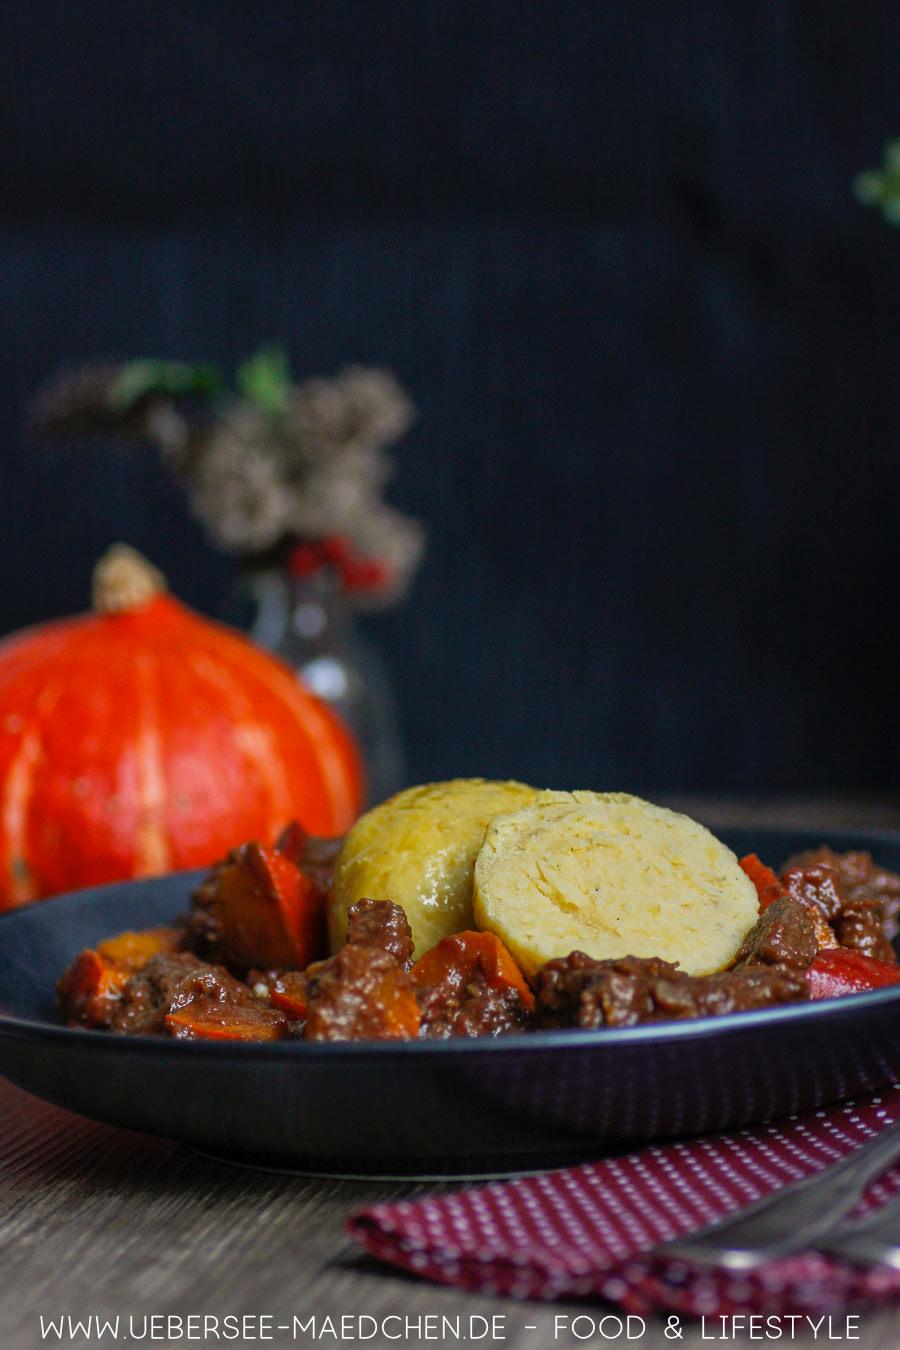 Kürbis-Gulasch mit Kartoffelknödeln Rezept von ÜberSee-Mädchen Foodblog vom Bodensee